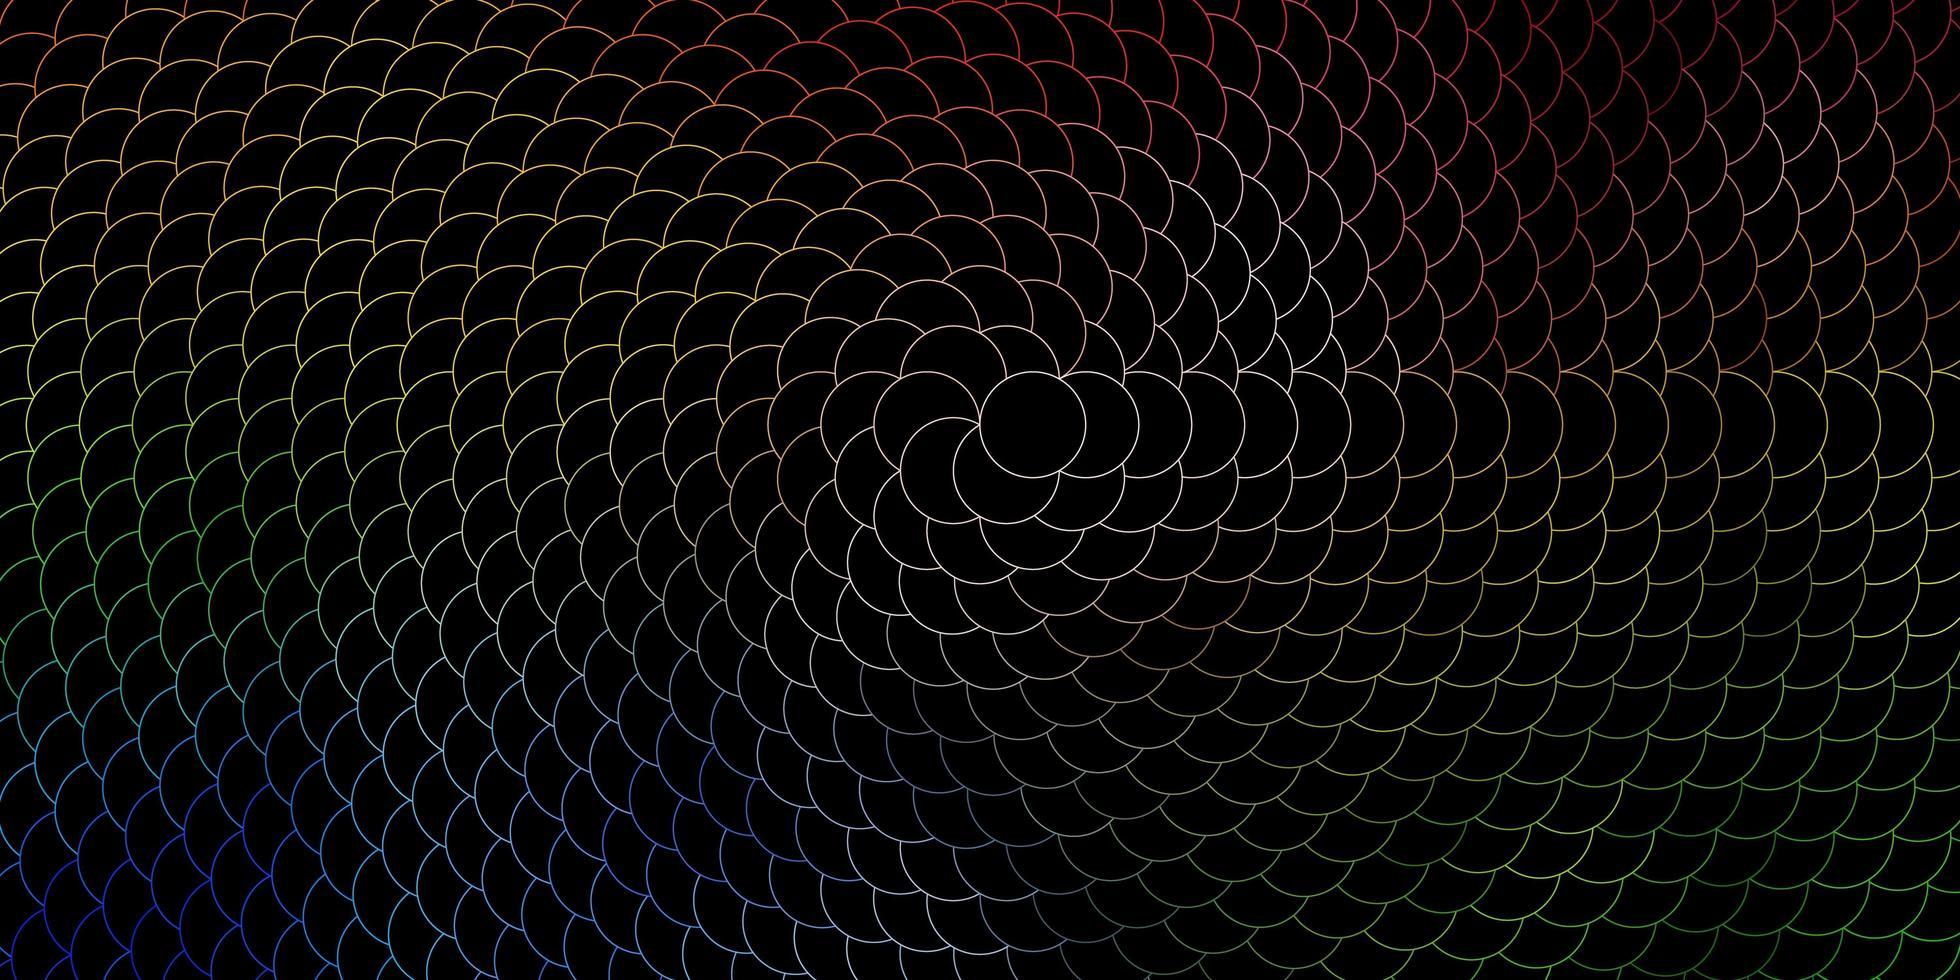 dunkle mehrfarbige Vektortextur mit Scheiben. vektor